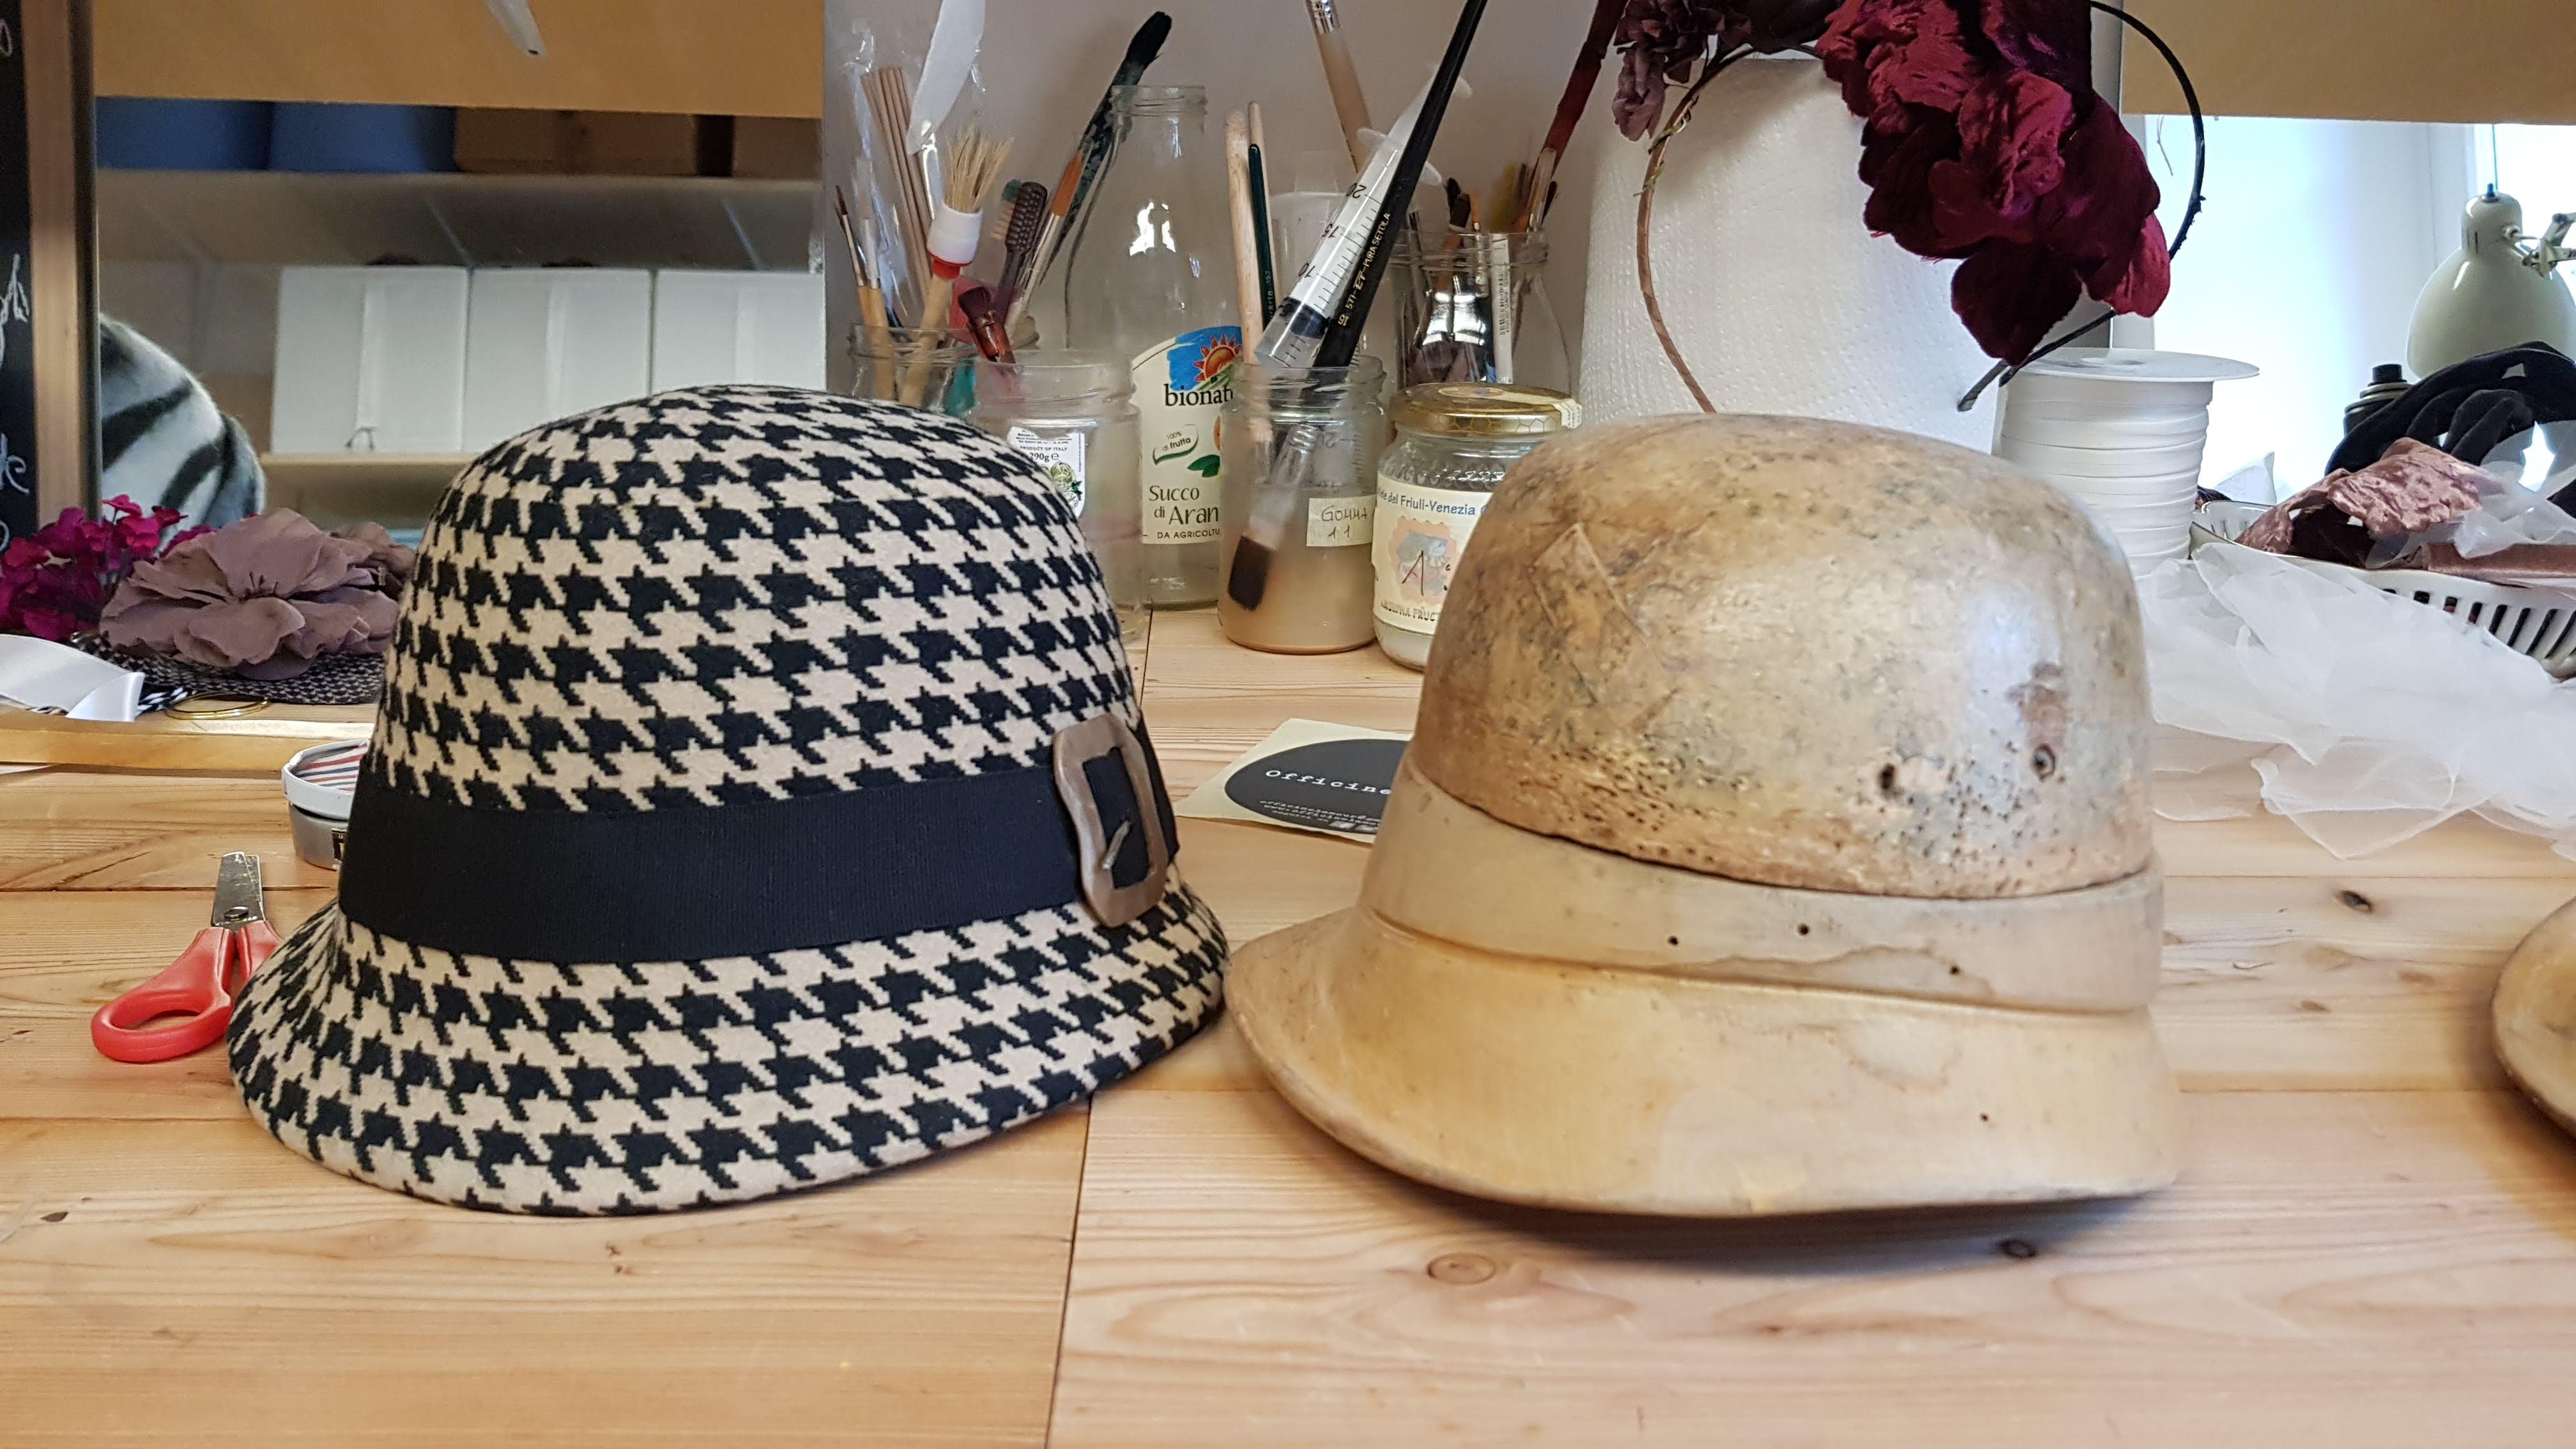 cappello fatto a mano in Feltro in lana pied-de-poule